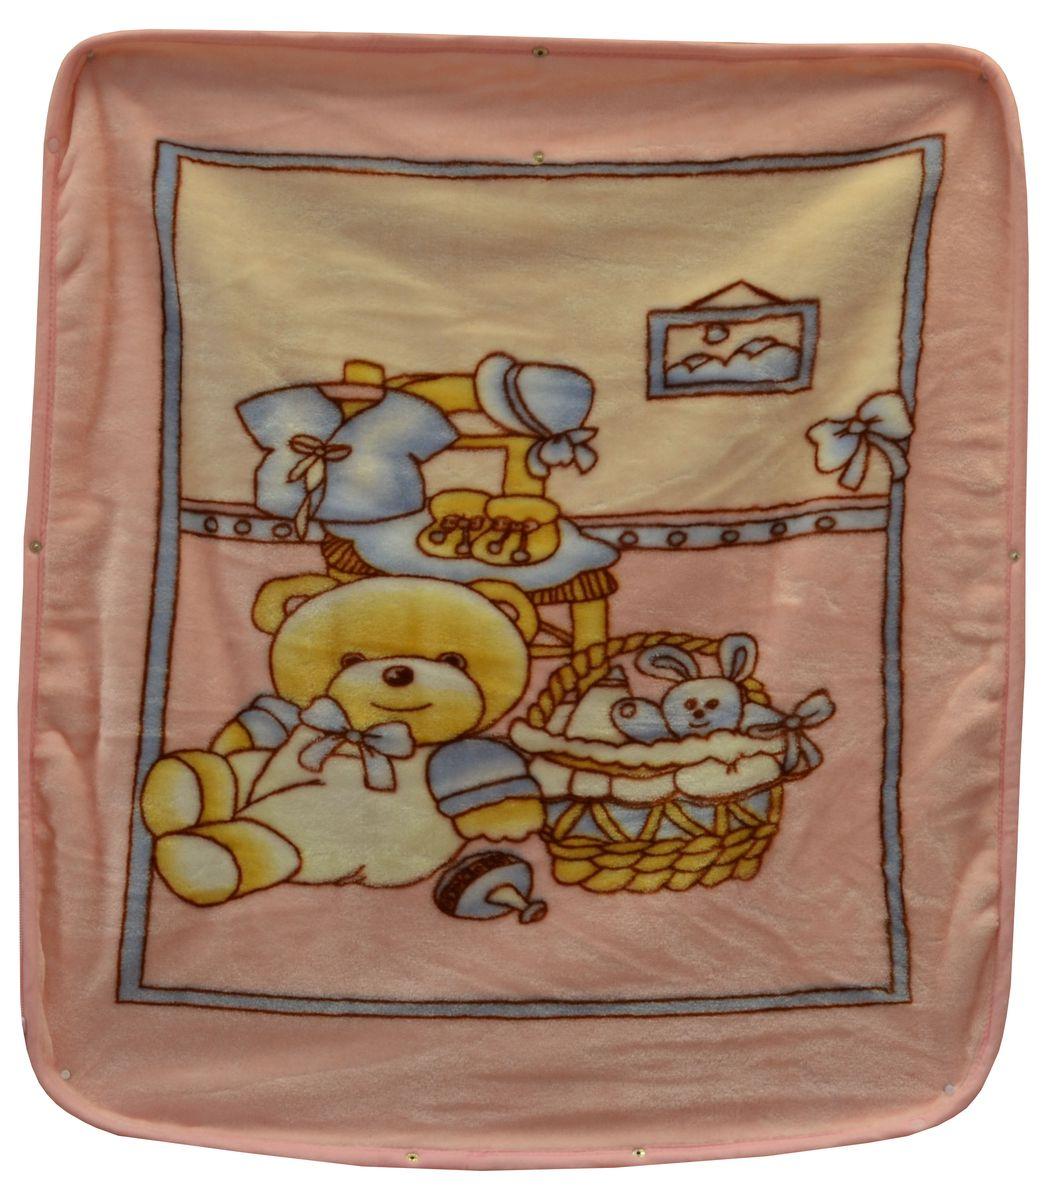 Bonne Fee Плед детский Плед-накидка для младенцев на молнии, 80 х 90 см, розовыйОНДК/300-роз2Защита, тепло и комфорт для малышей - использован надёжный, качественный и мягкий материал! Удобство и спокойствие для родителей обеспечивается универсальностью пледа-накидки, конструкция которого позволяет ему легко превращаться в конвертик. Отличное качество и практичность! Любите своего ребёнка и дарите ему лучшее!